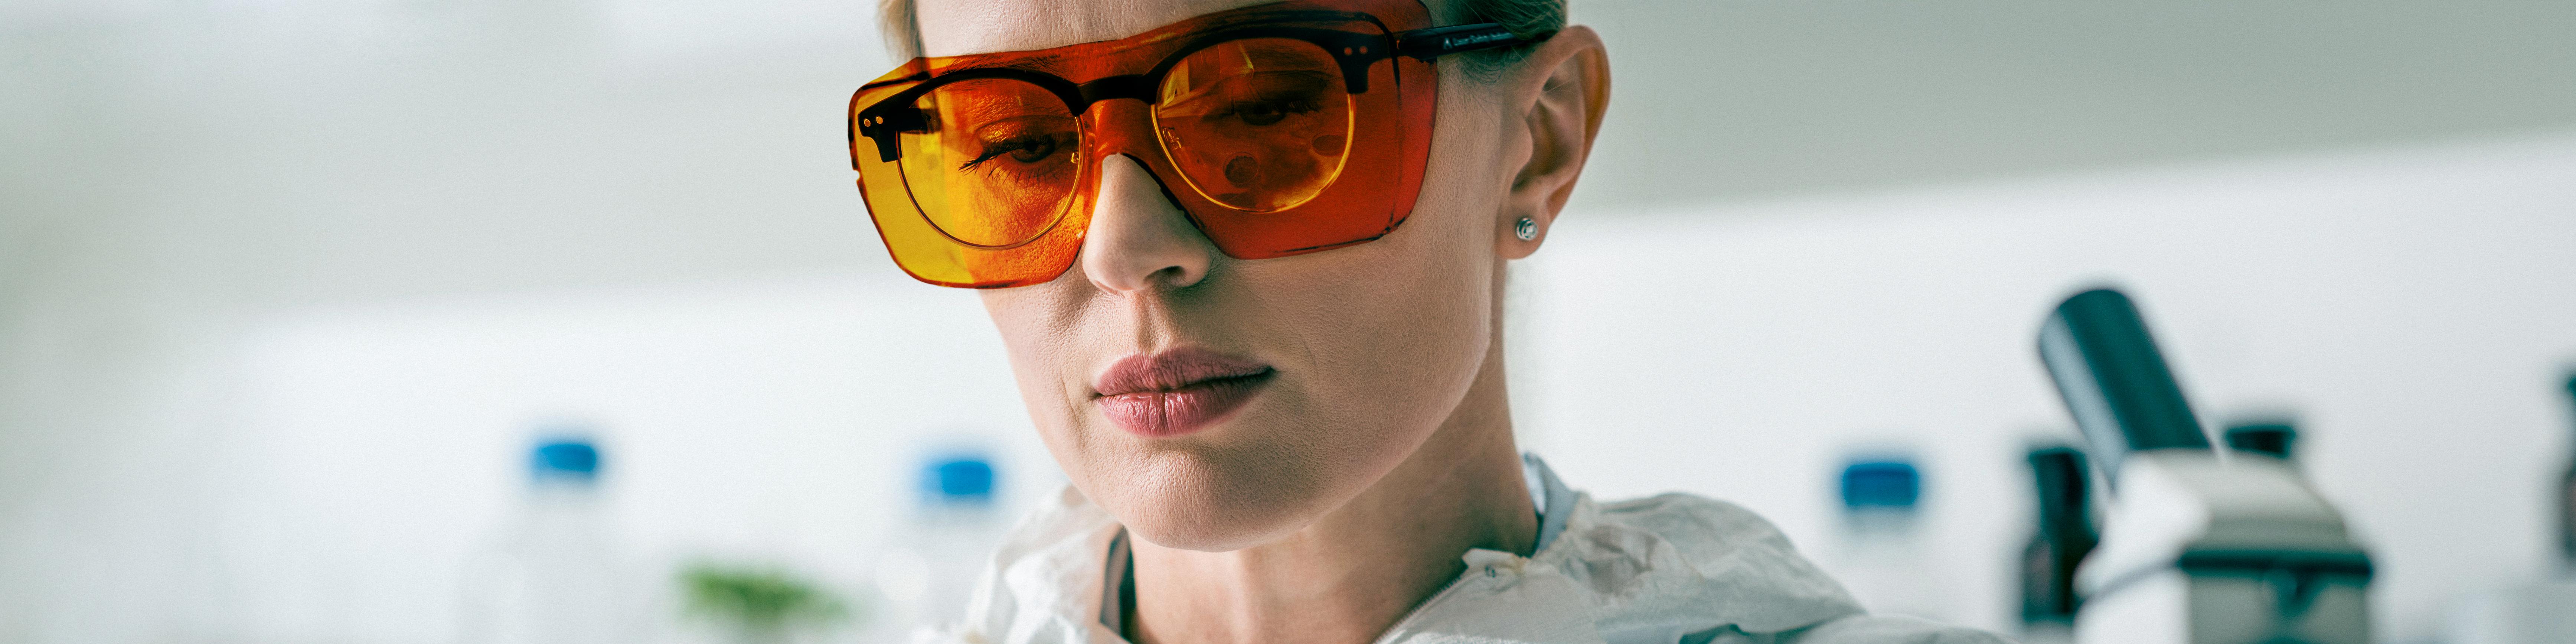 Laser Safety Fit-Over Glasses